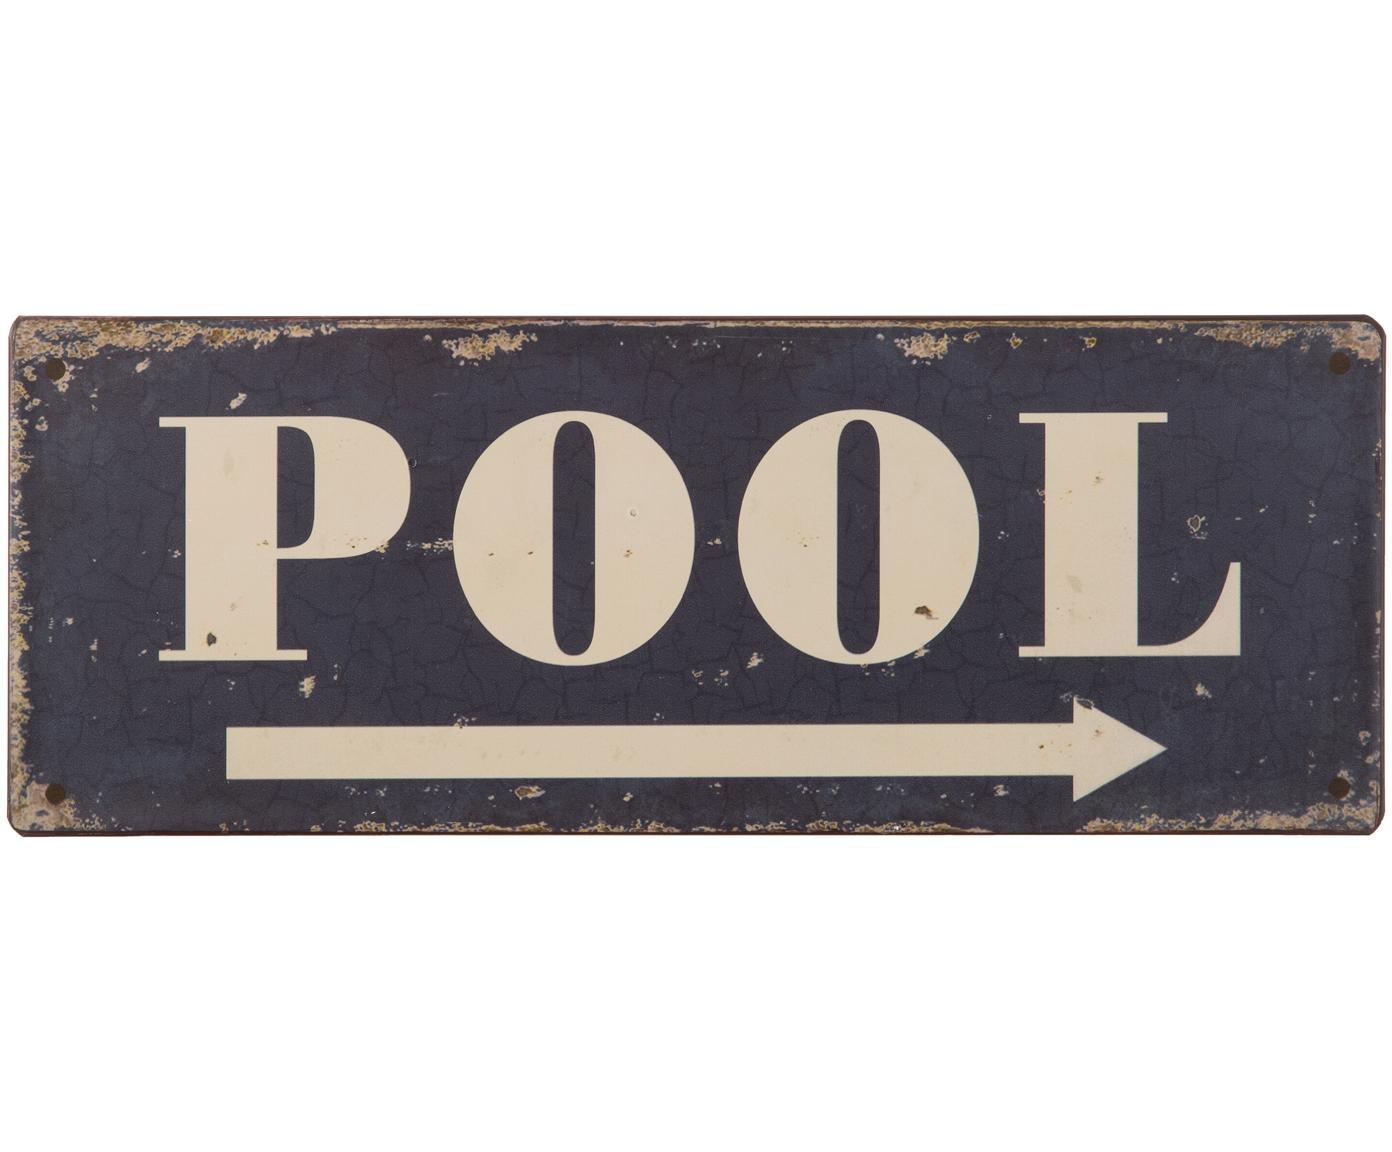 Wandbord Pool, Metaal, met motieffolie bekleed, Donkerblauw, gebroken wit, roestkleurig, 40 x 15 cm